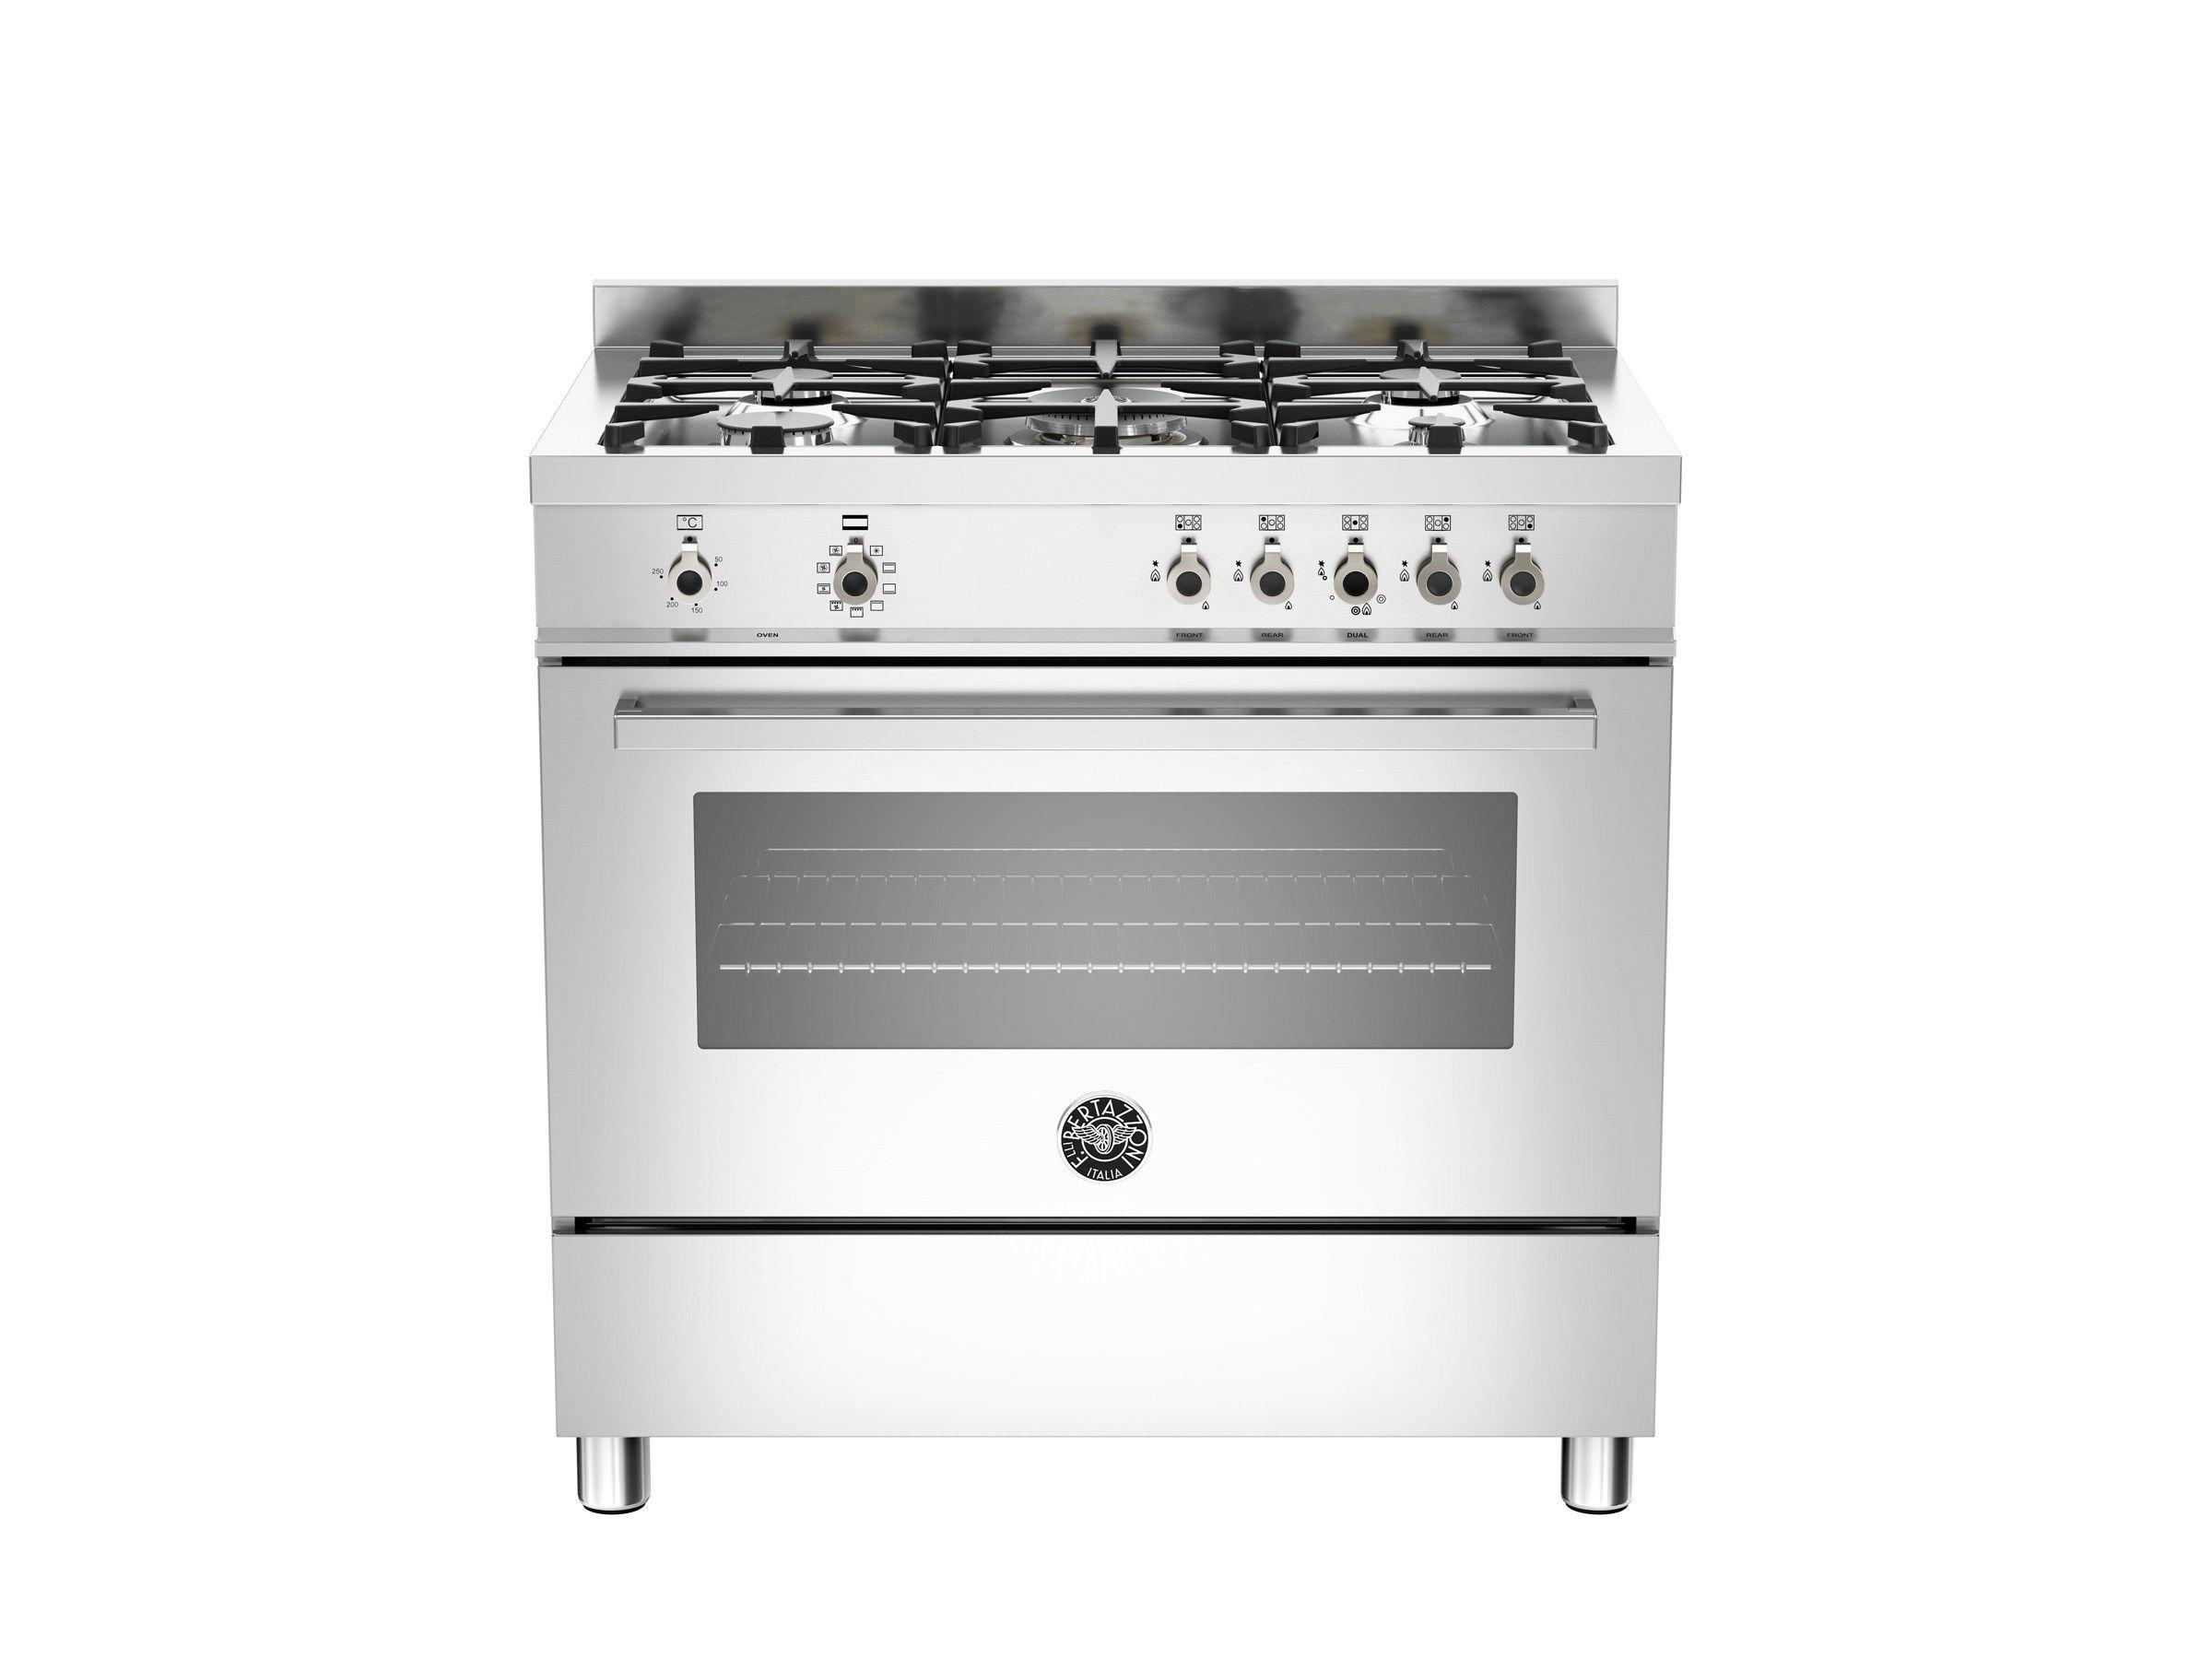 Cucina a libera installazione professional pro90 5 mfe s for Cucina libera installazione